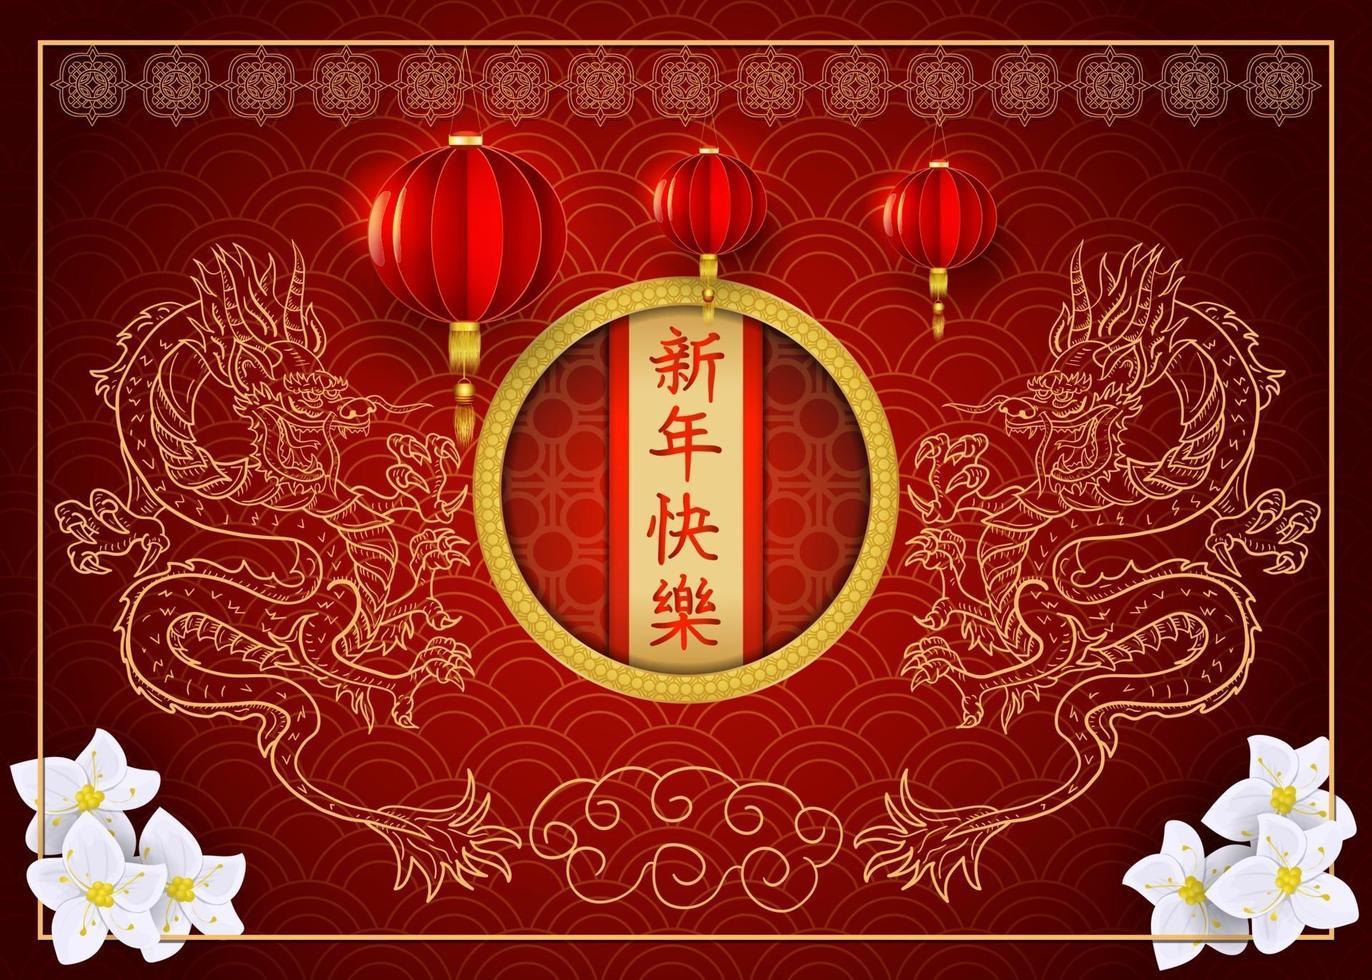 röd och guld kinesisk nyårsdesign vektor